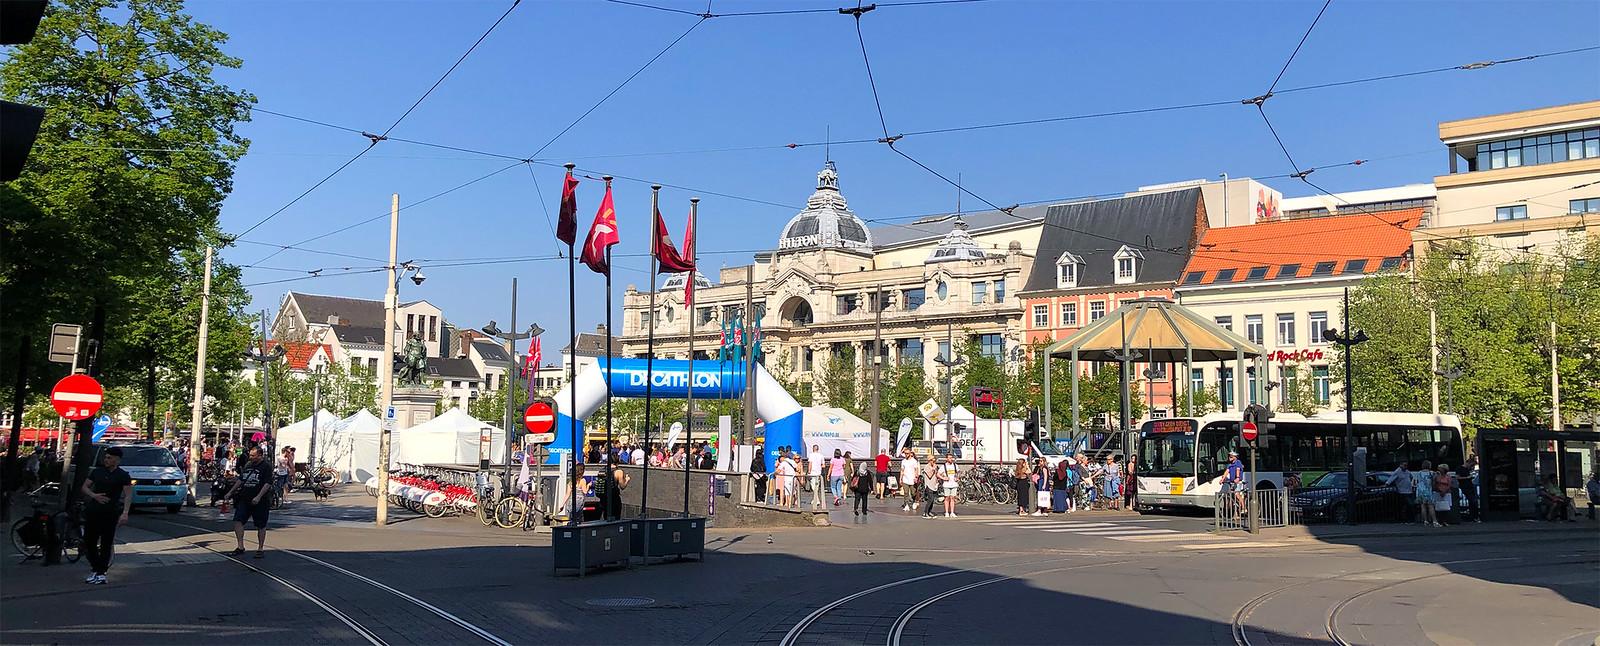 Visitar Amberes en un día, Antwerp in a day, Bélgica, Belgium amberes en un día - 48260802711 8e425288f4 h - Amberes en un día